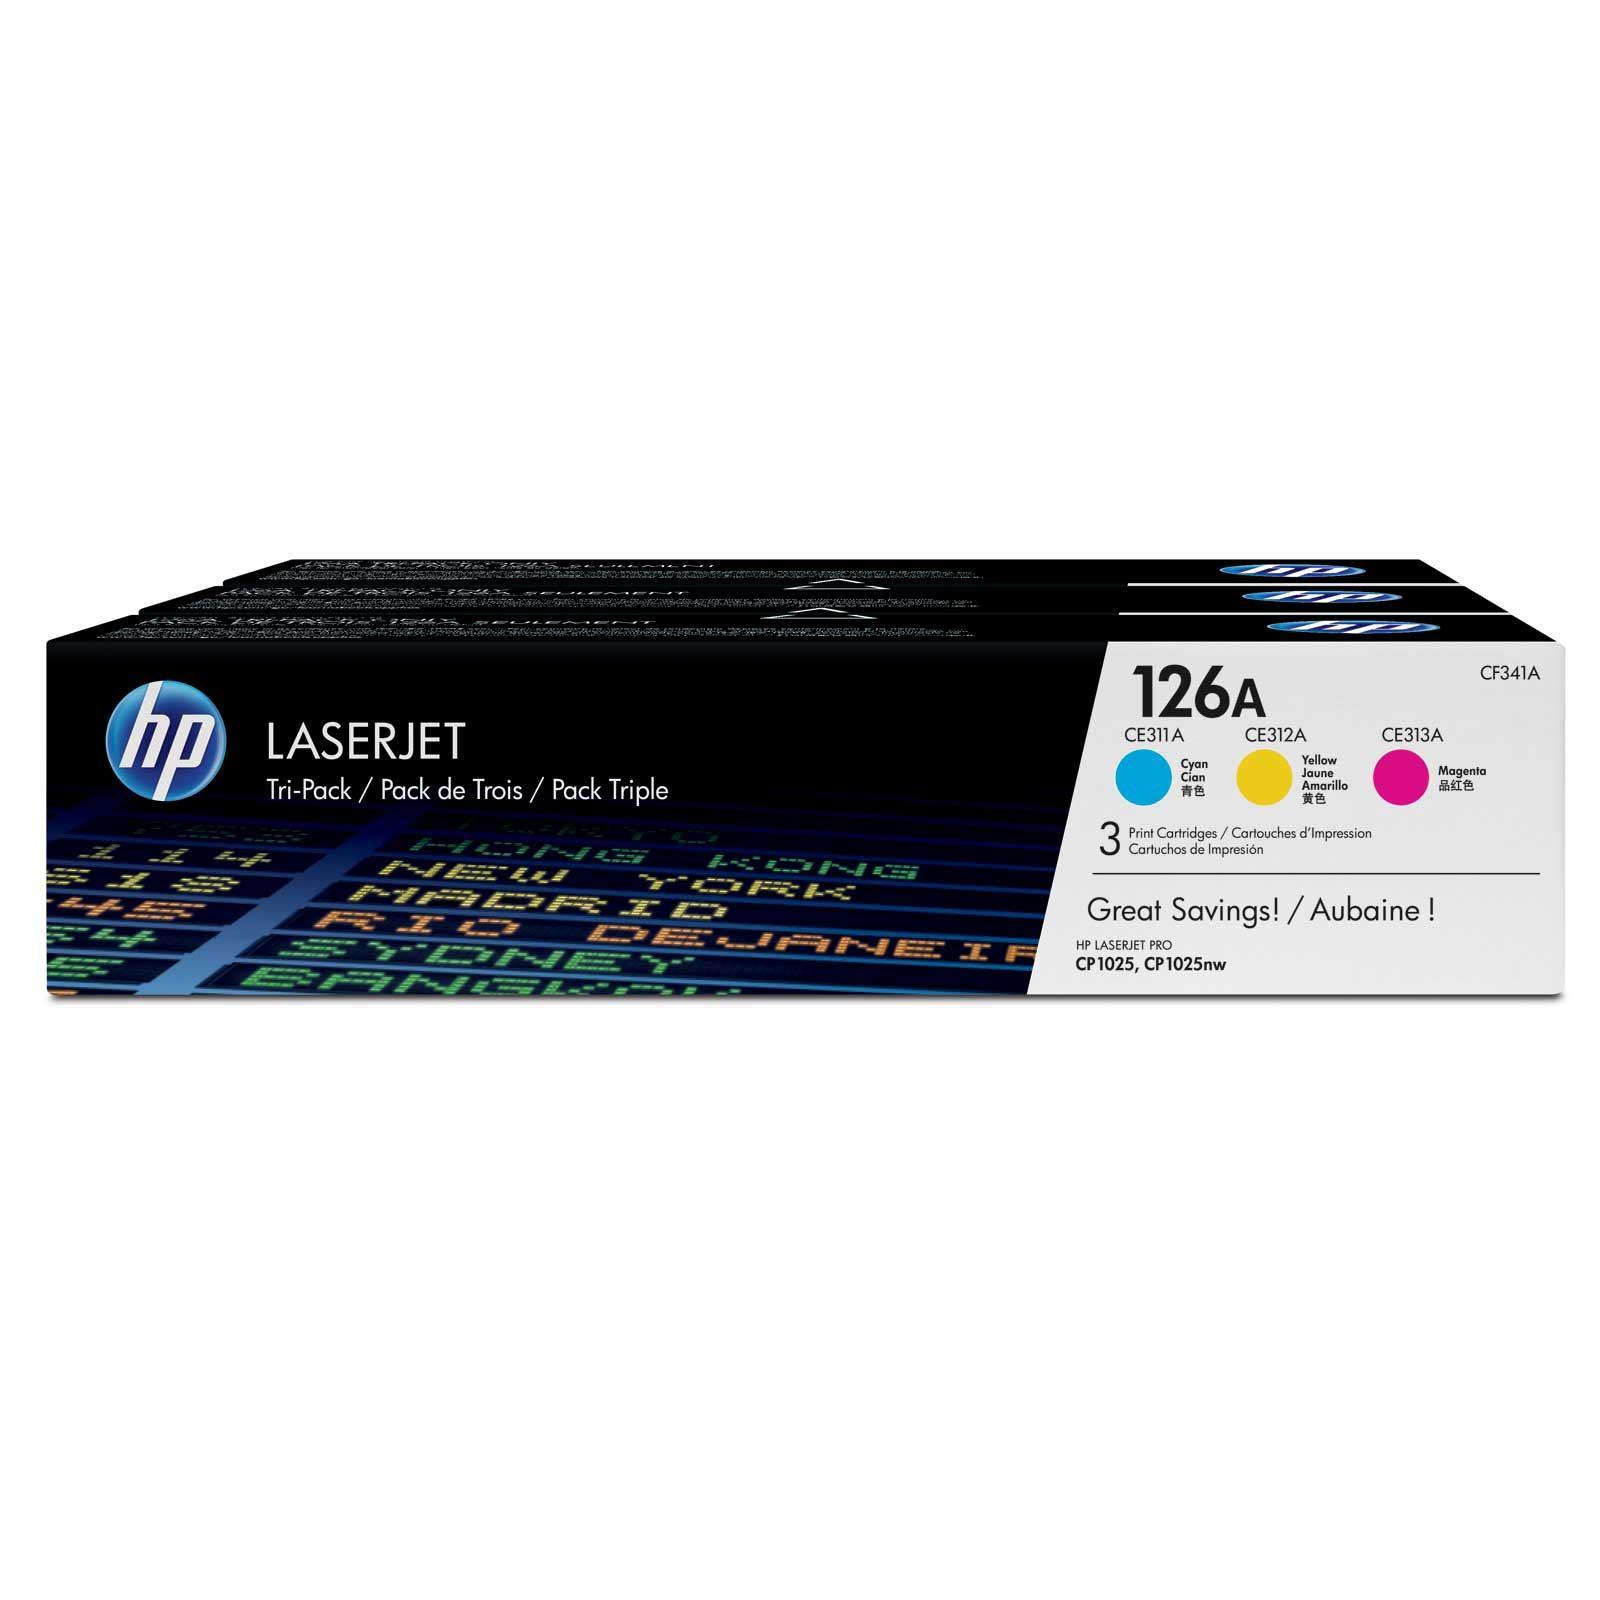 Картридж HP CLJ CP1025/M175 (CE311A,CE312A,CE313A) 126A CYM Tri-Pack (CF341A)